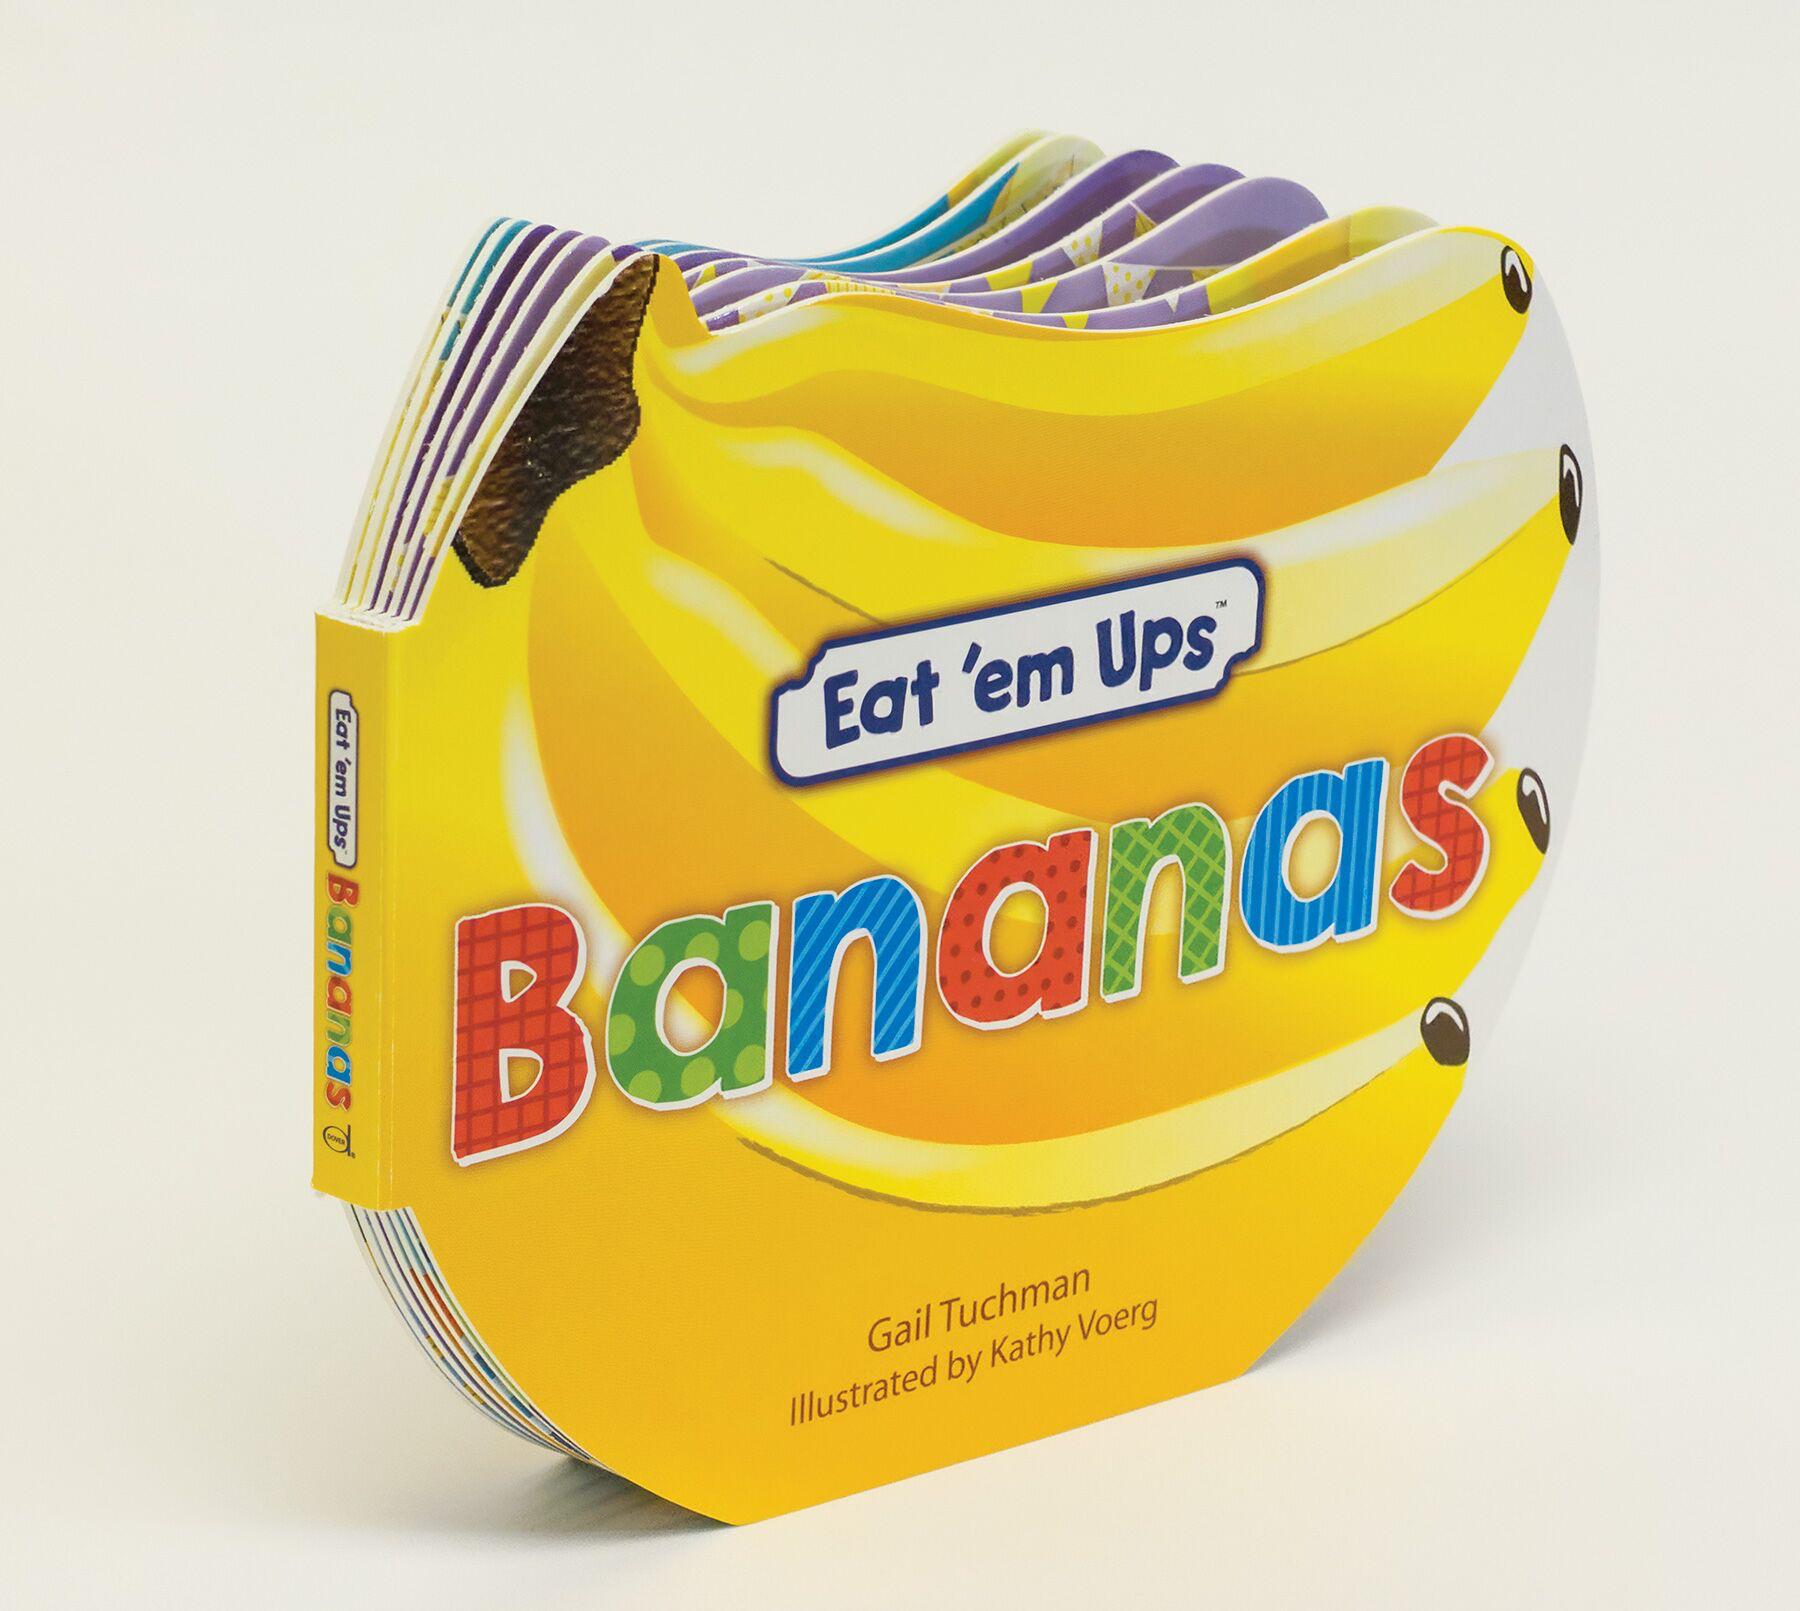 Dover - 0486825116 - Eat 'em Ups™ Bananas